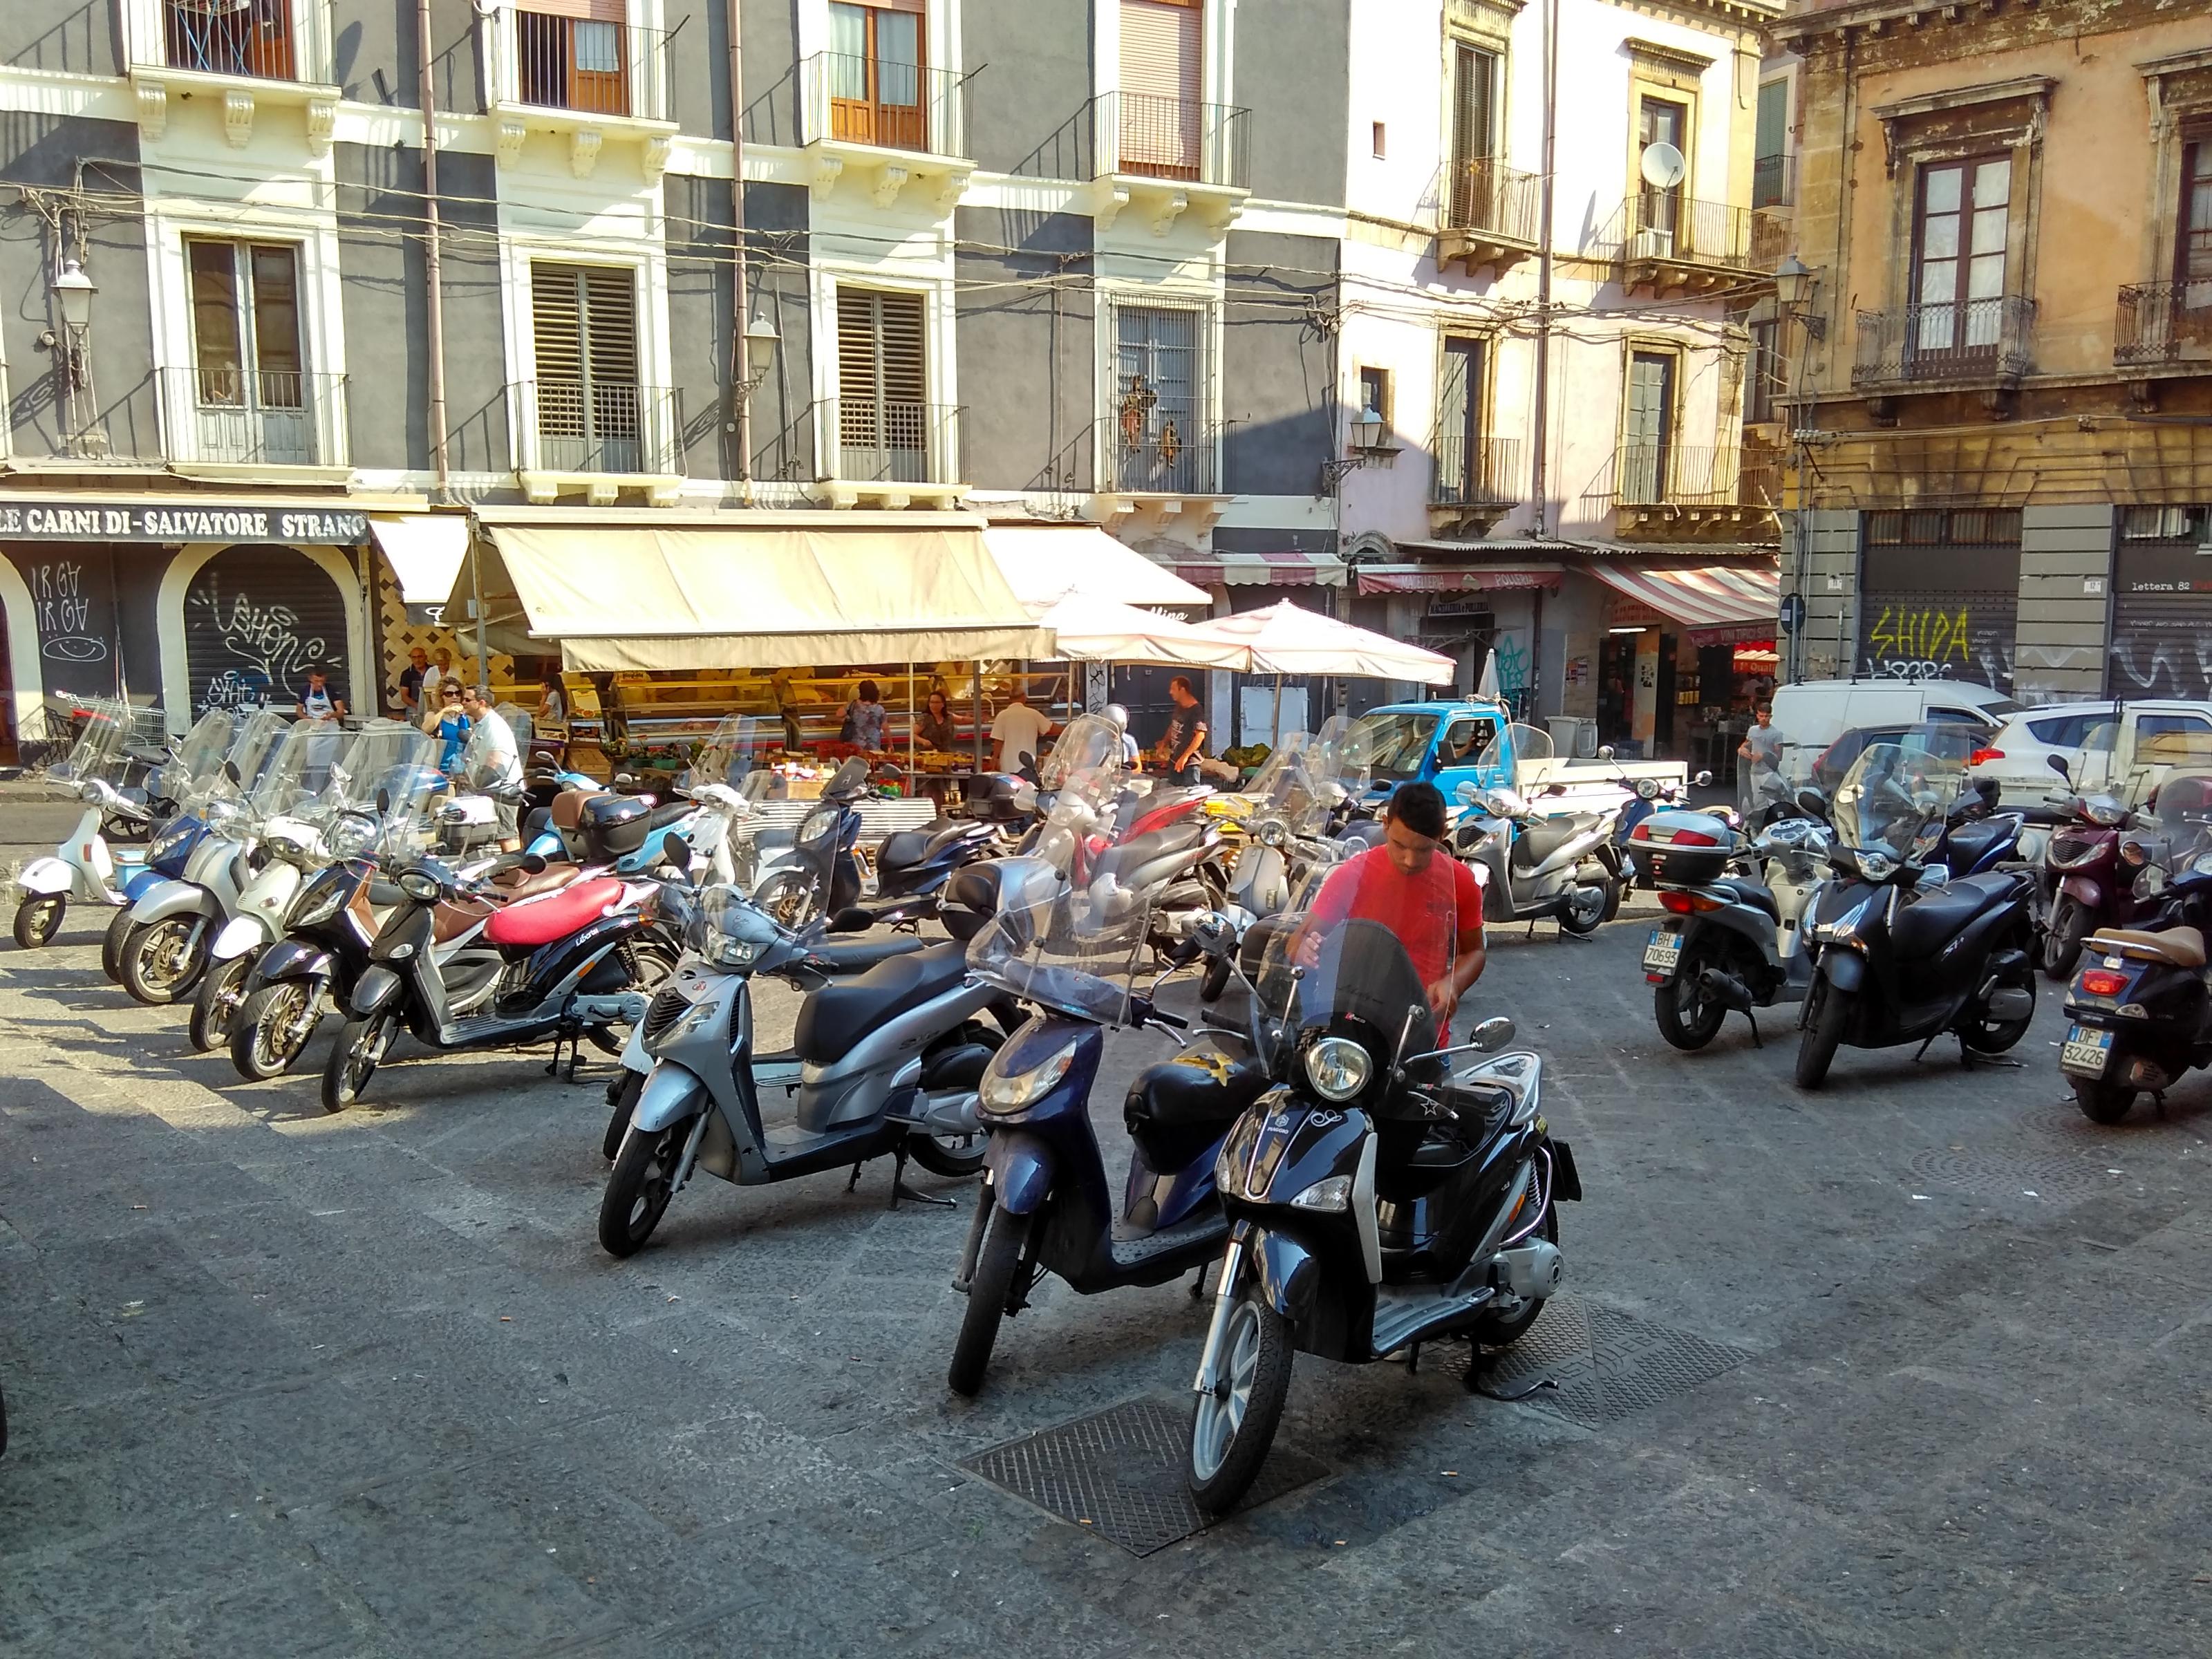 Piazza Currò